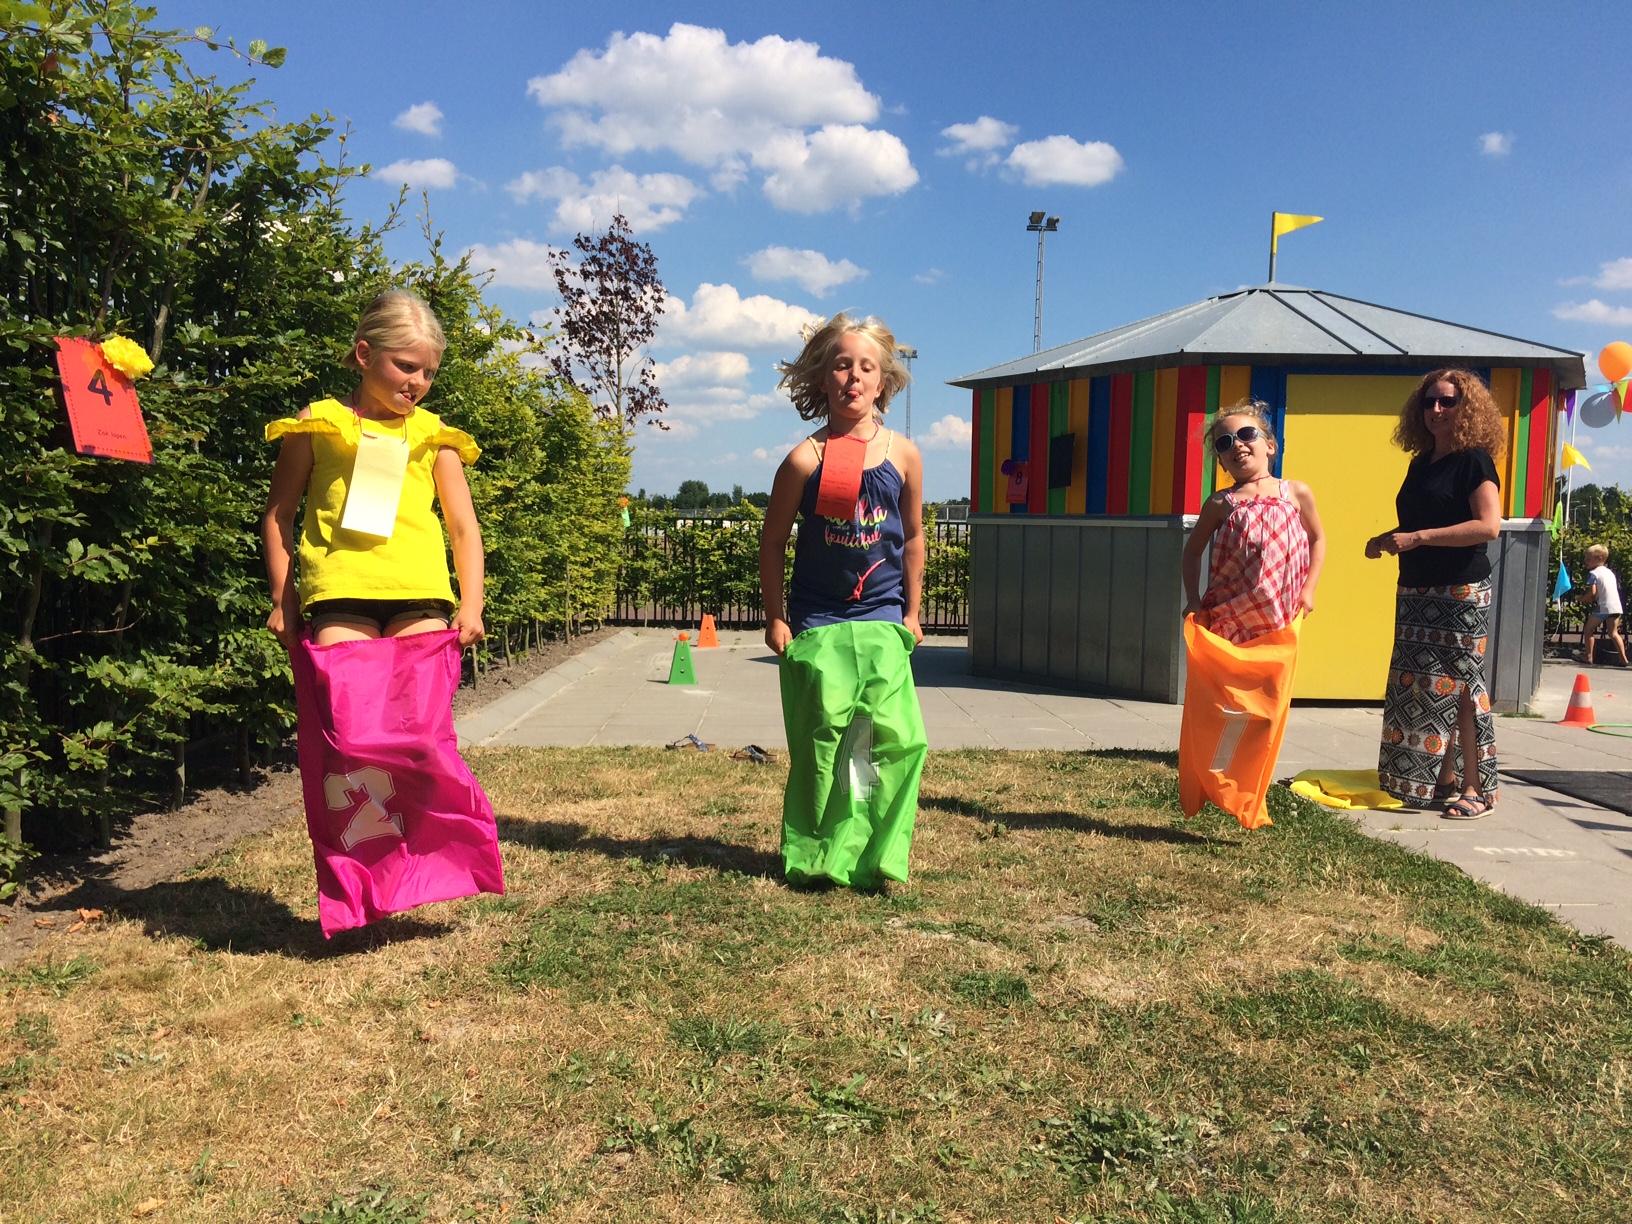 BSO de Westereen - Zwaagwesteinde Kids First COP groep